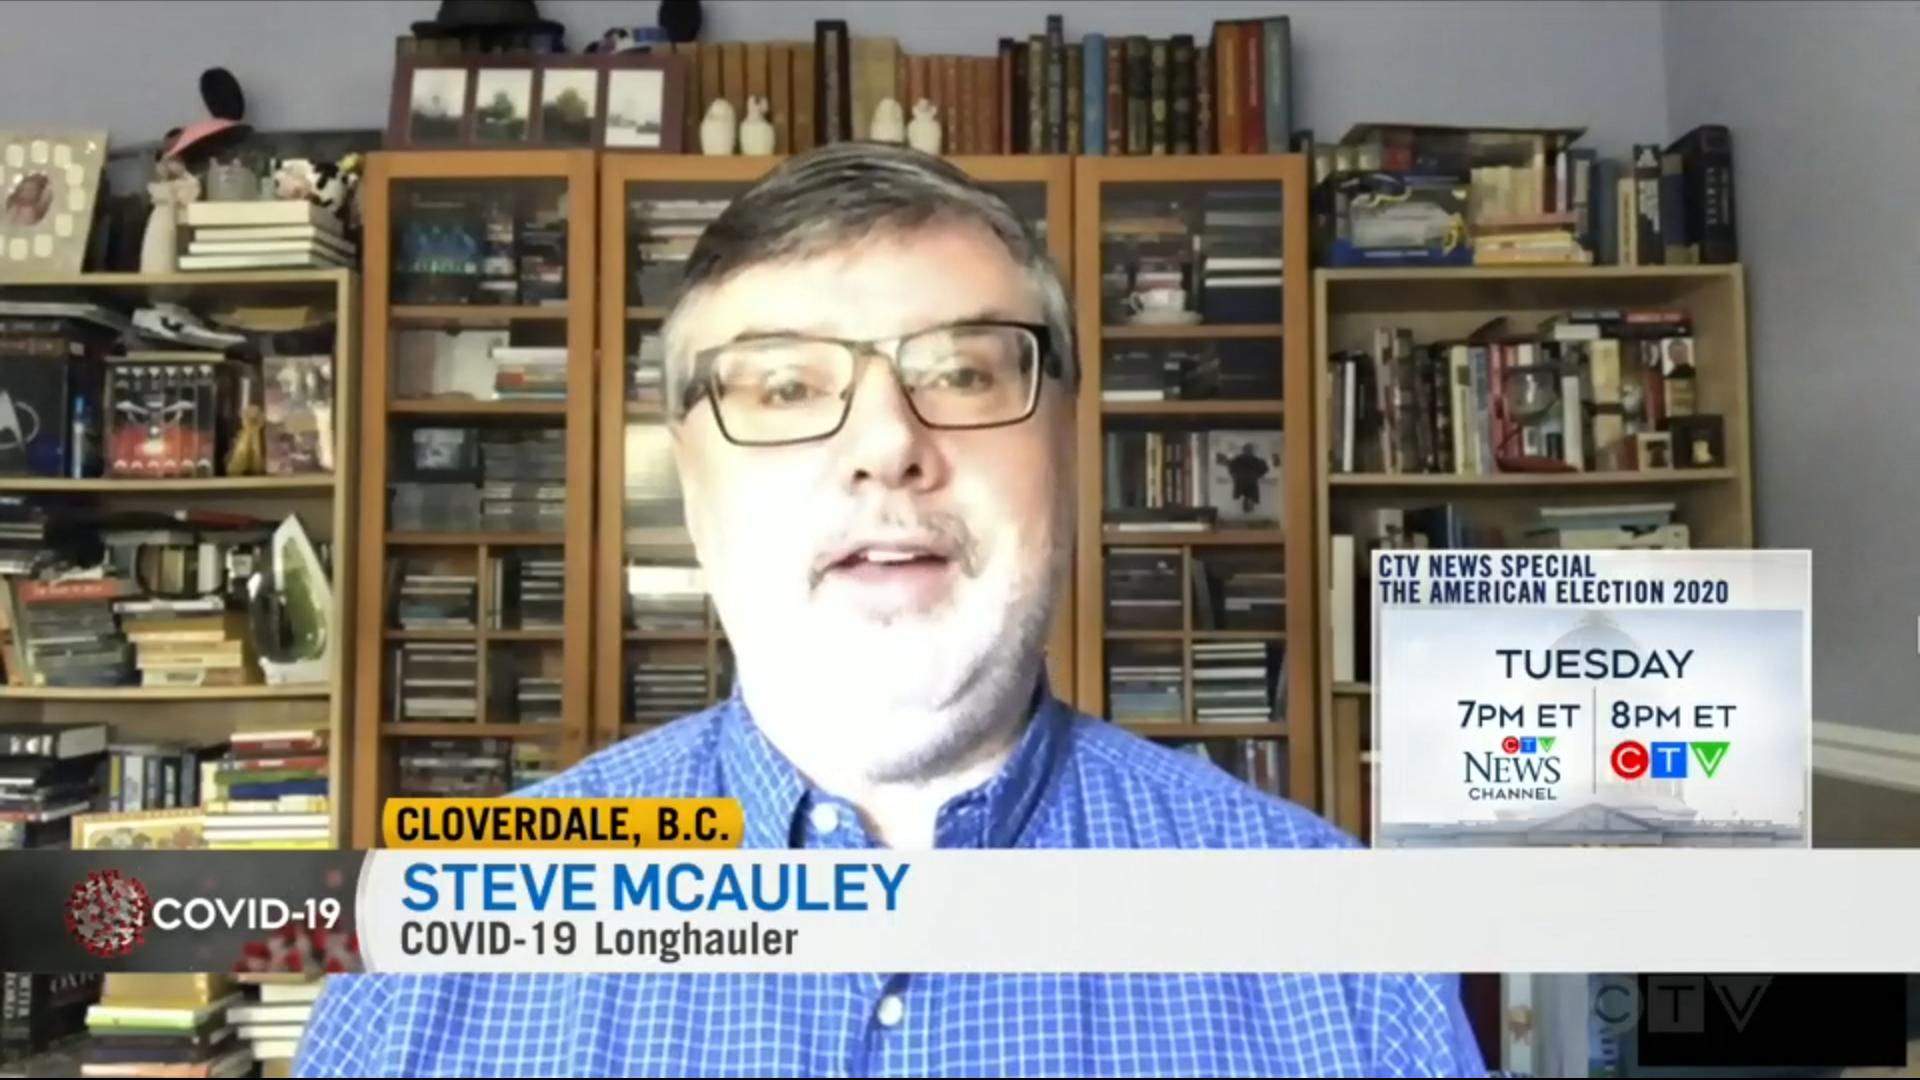 Long-Hauler Steve McCauley